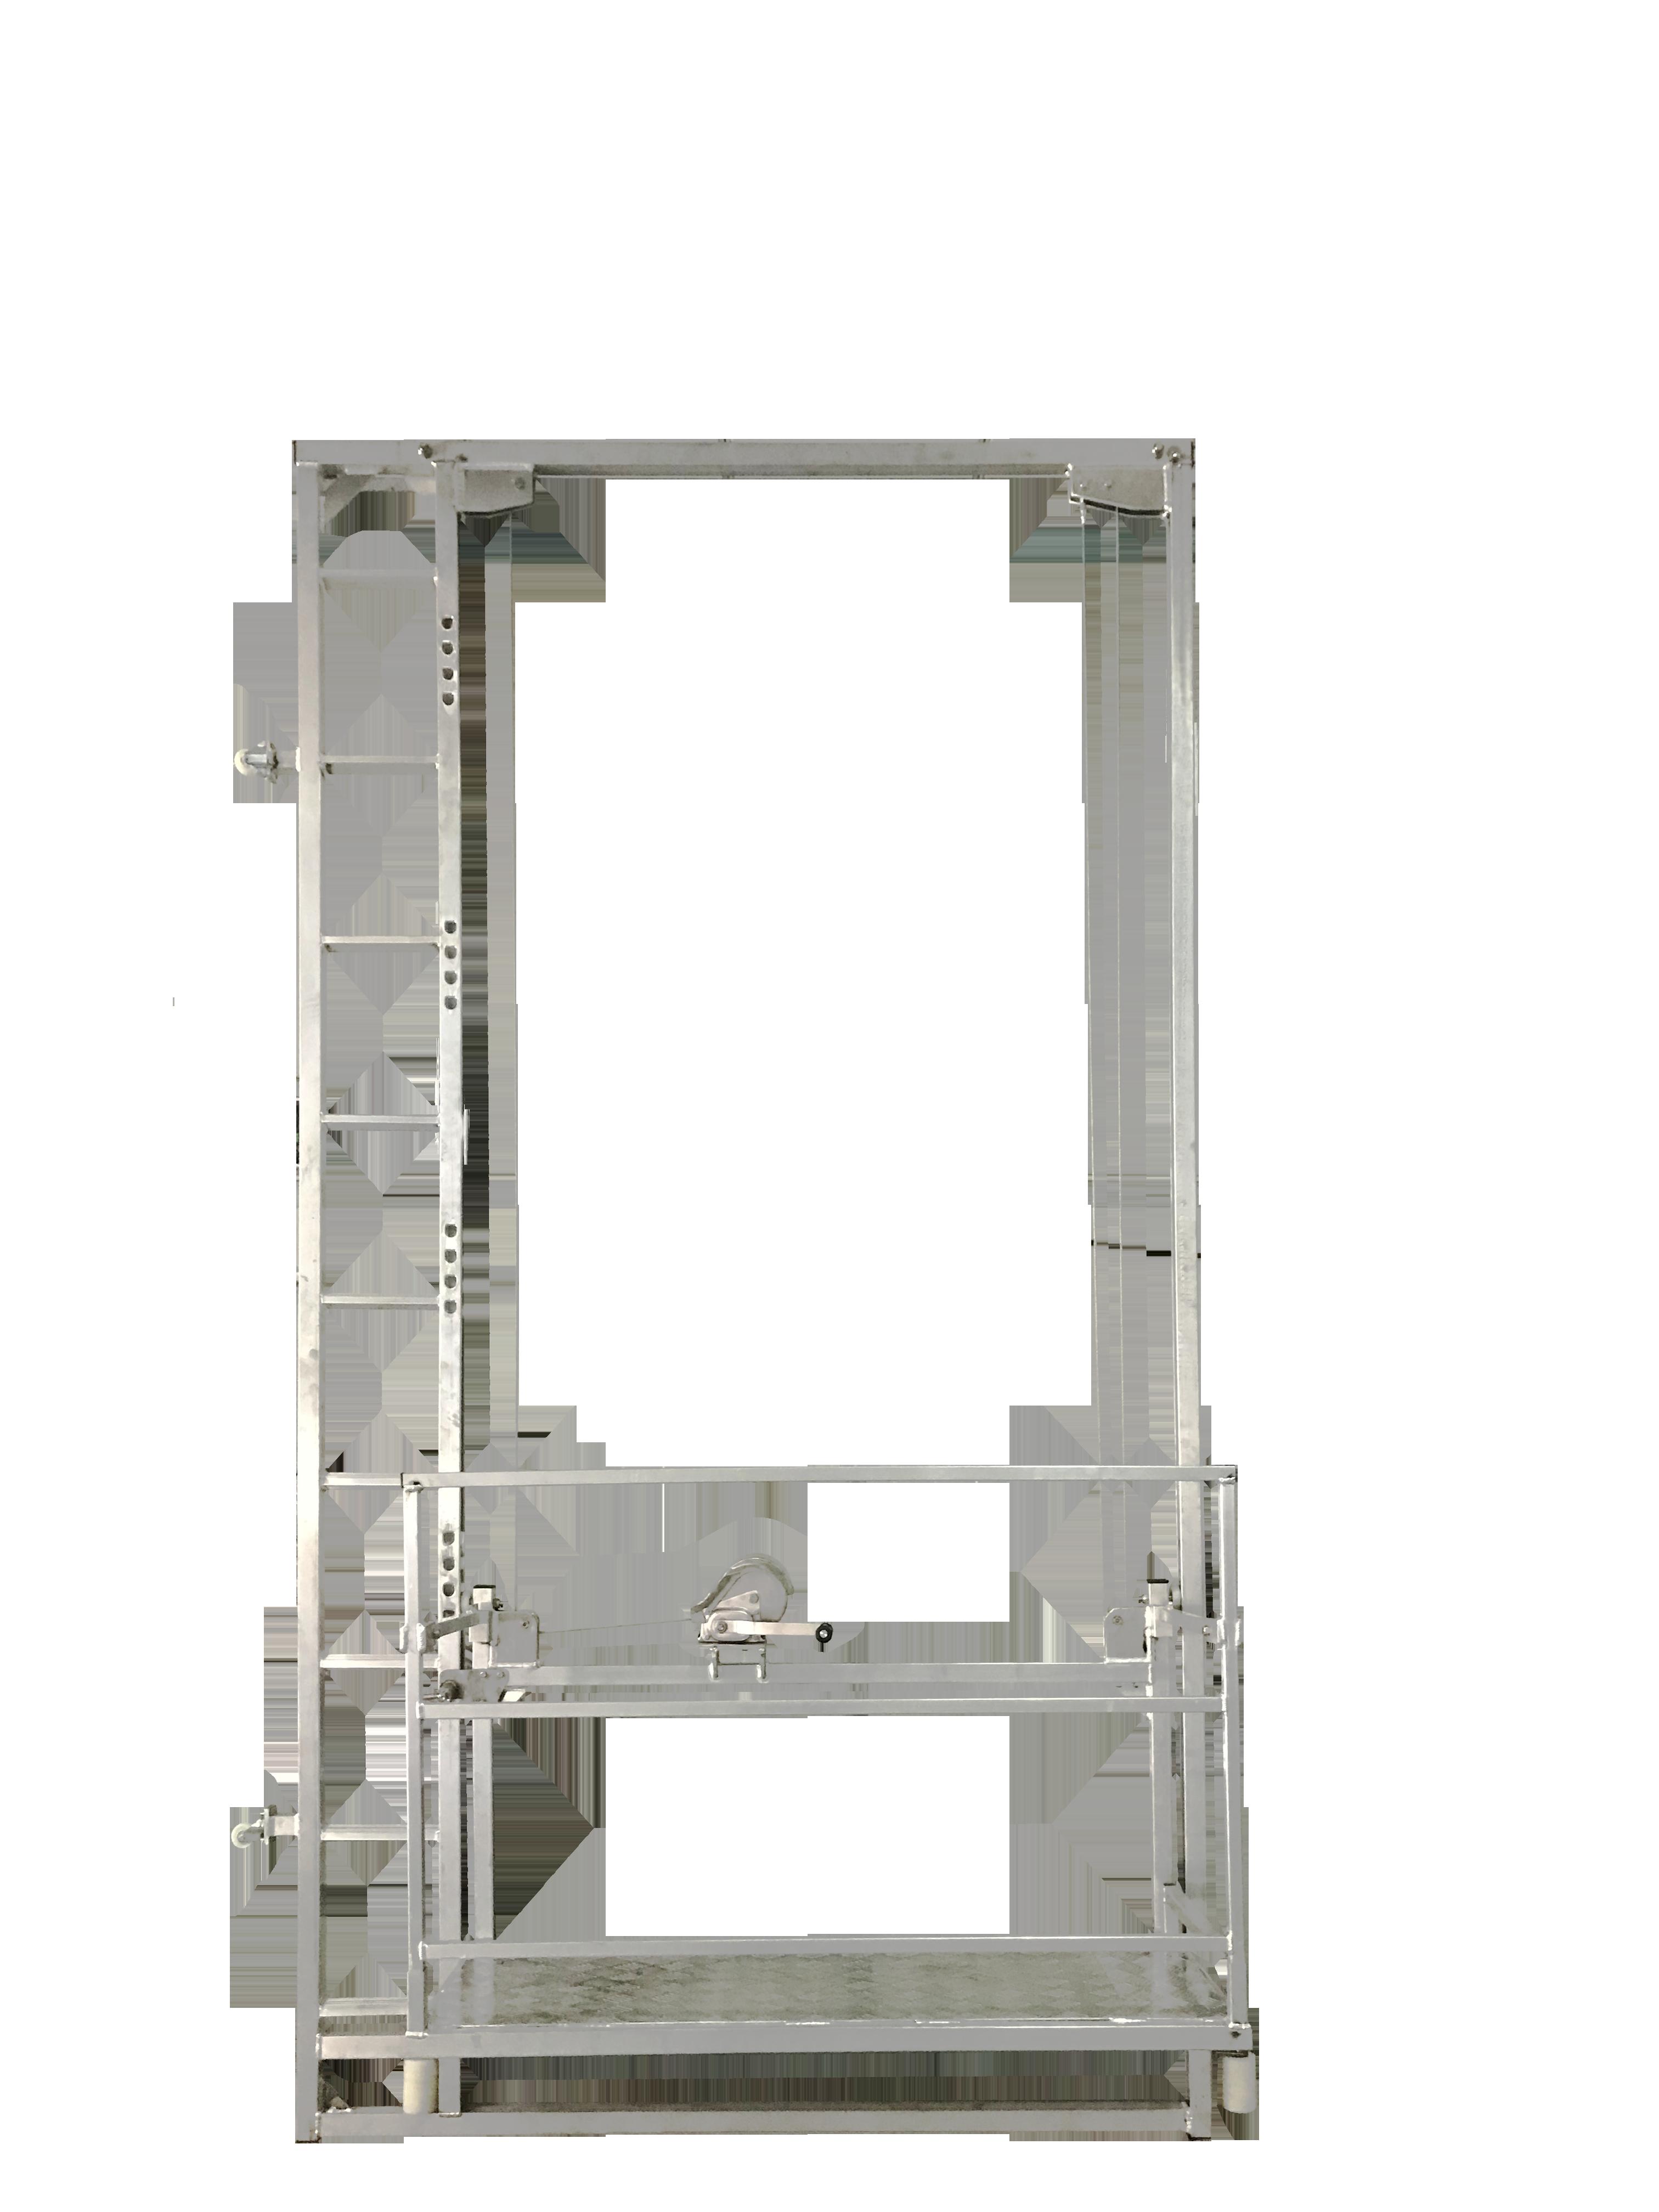 Машина для сбора грибов GTM, метод подъема для сбора грибов